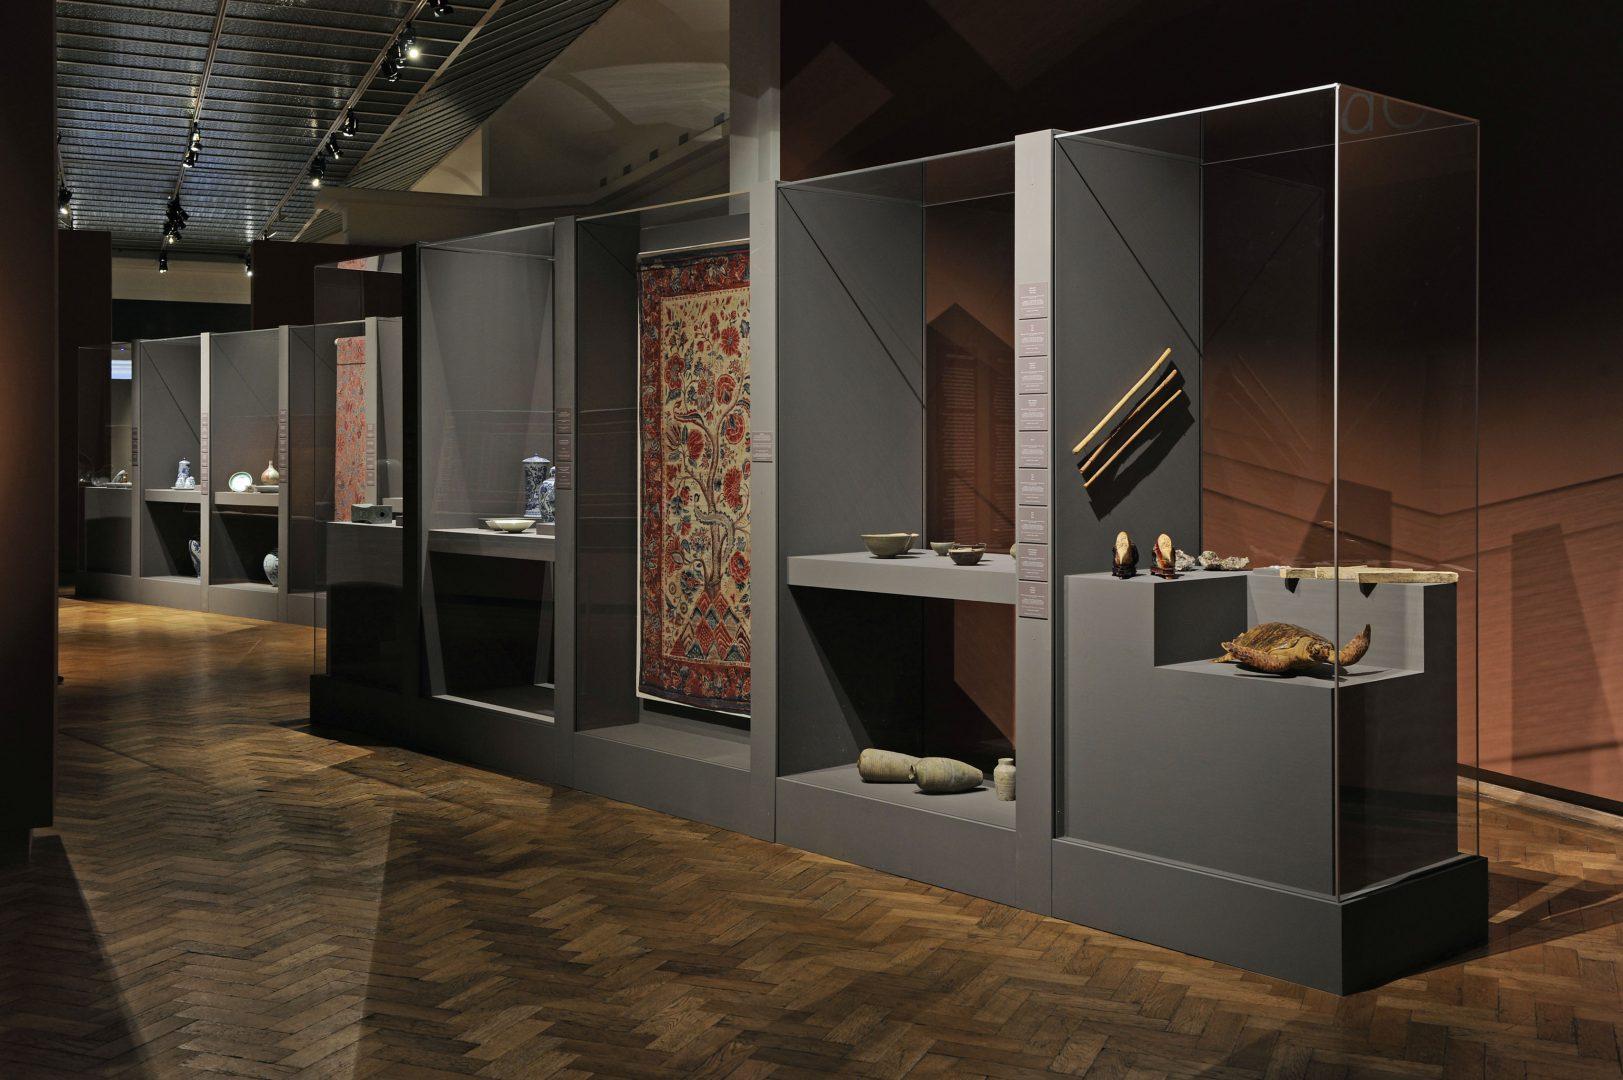 museums vitrinen und ausstellungstechnik. Black Bedroom Furniture Sets. Home Design Ideas